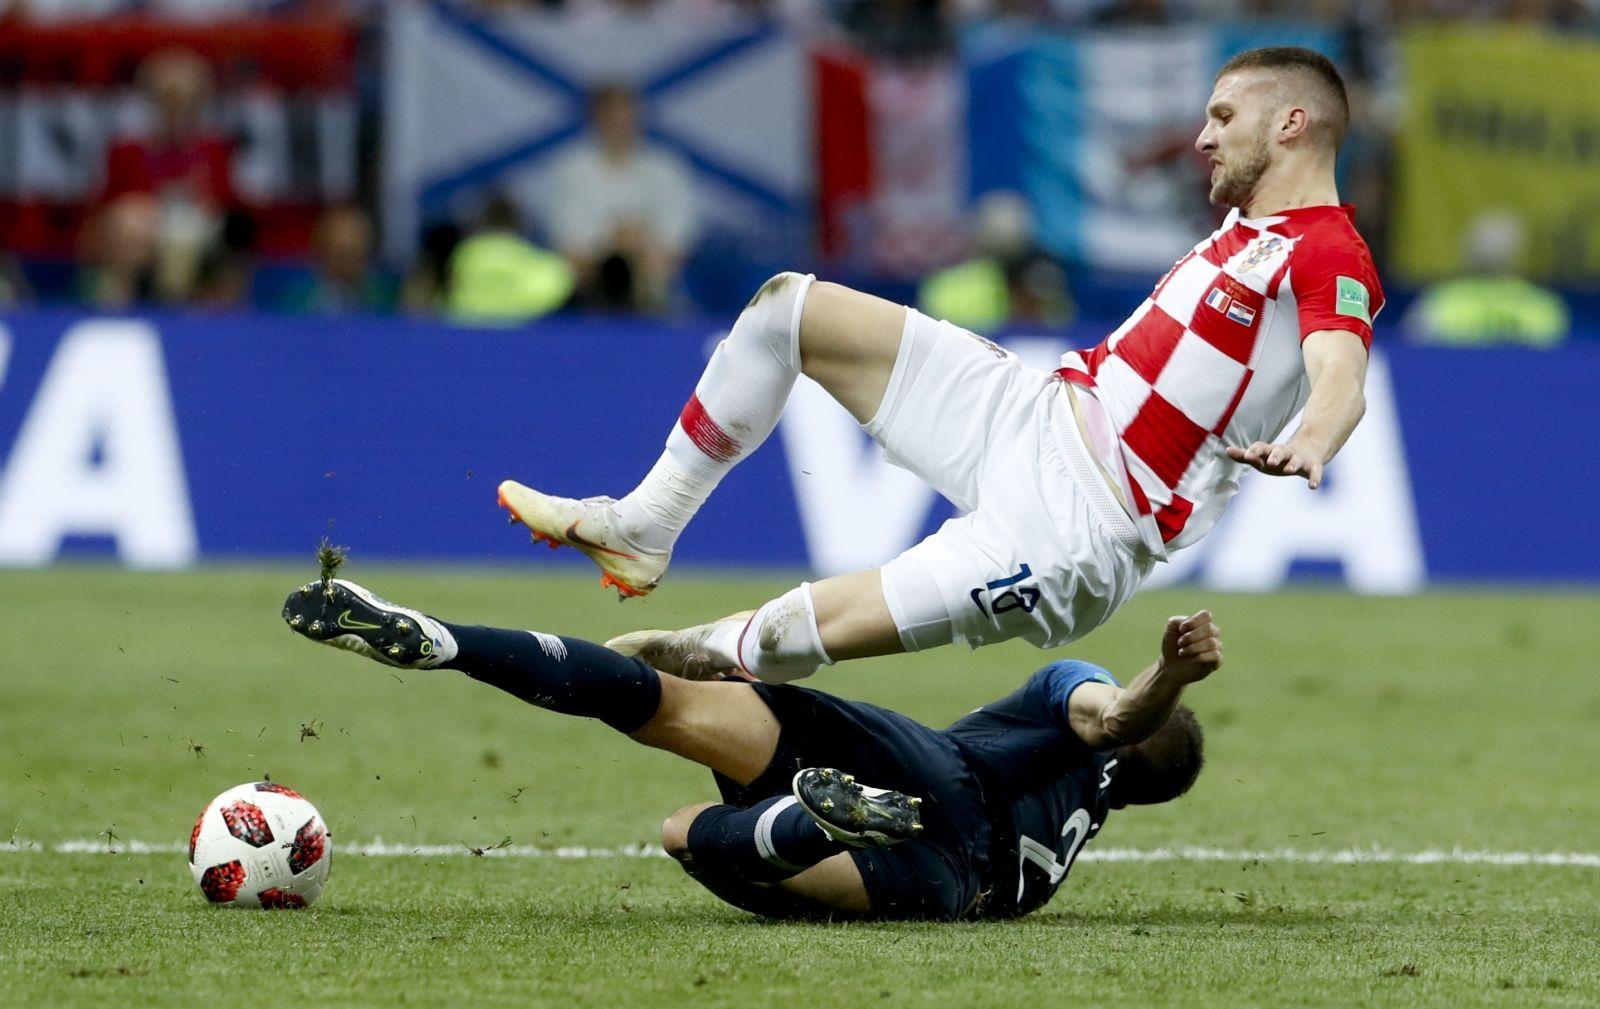 اشتباك رياضي بين لاعبين فرنسي وكرواتي في النهائي